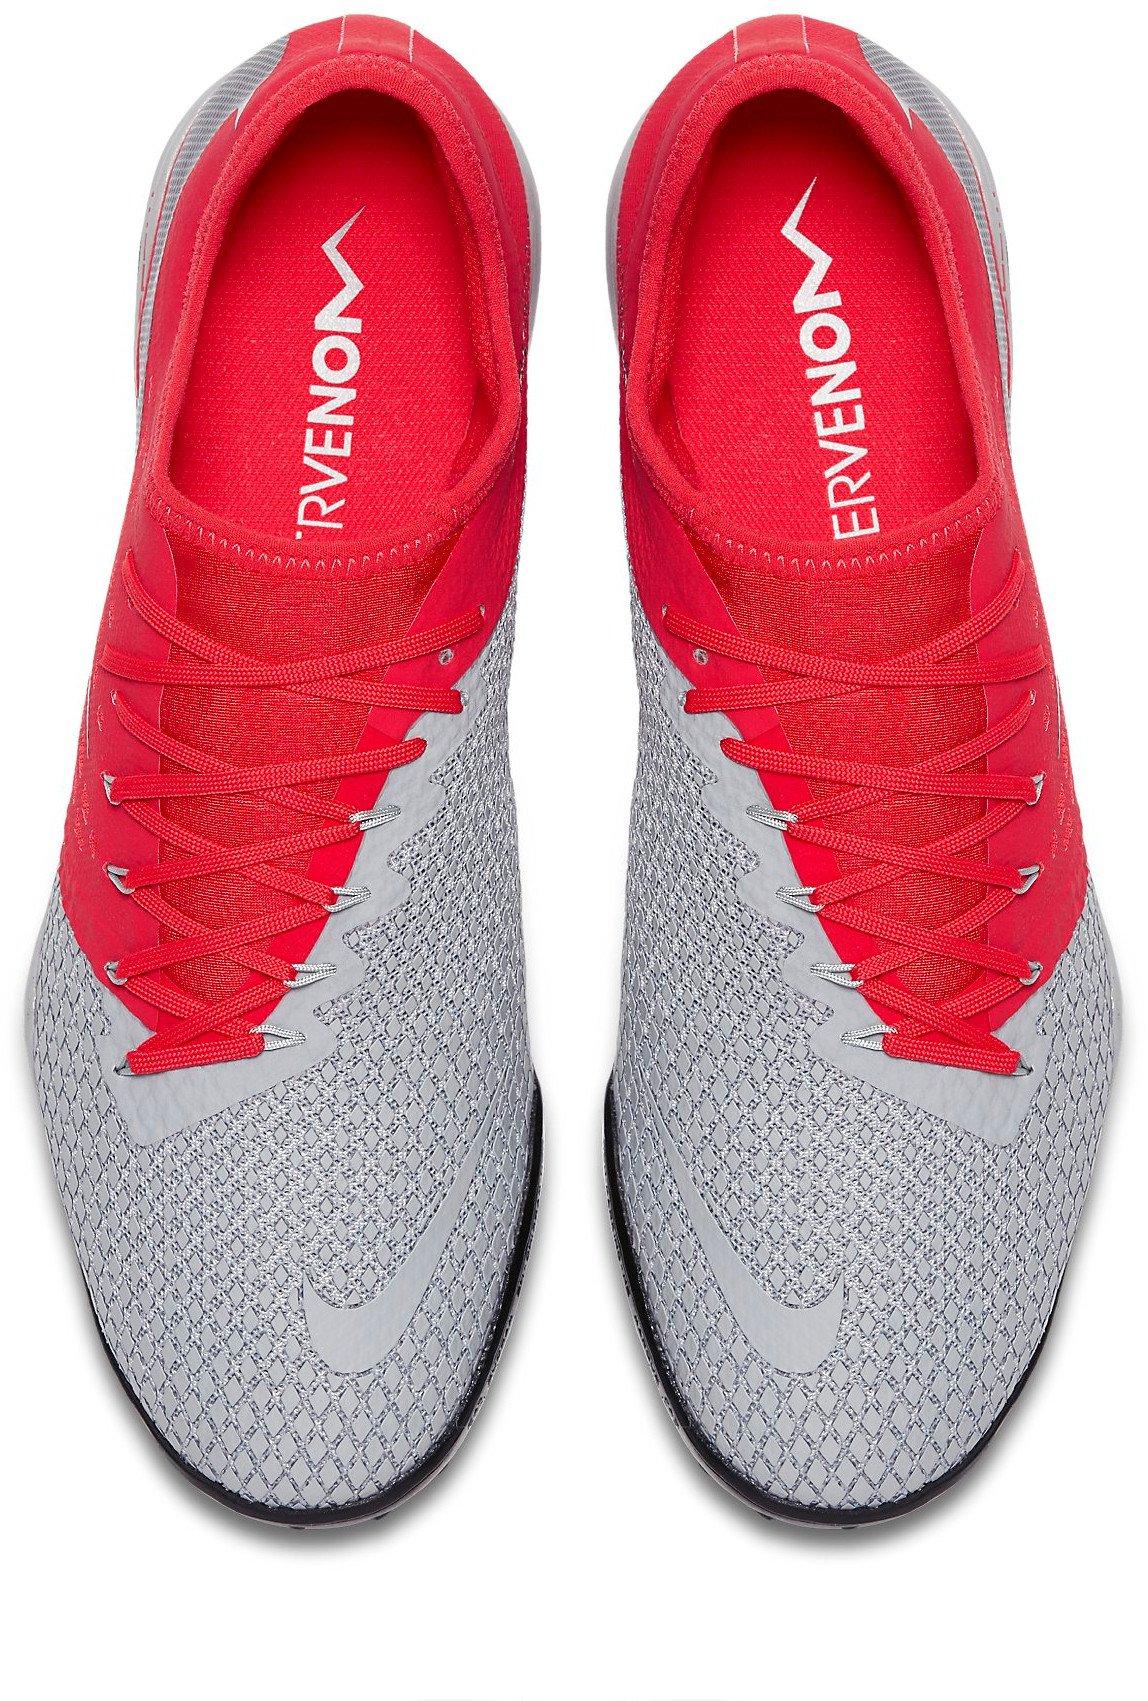 Útil Vacaciones Evento  Football shoes Nike ZOOM PHANTOMX 3 PRO TF - Top4Football.com